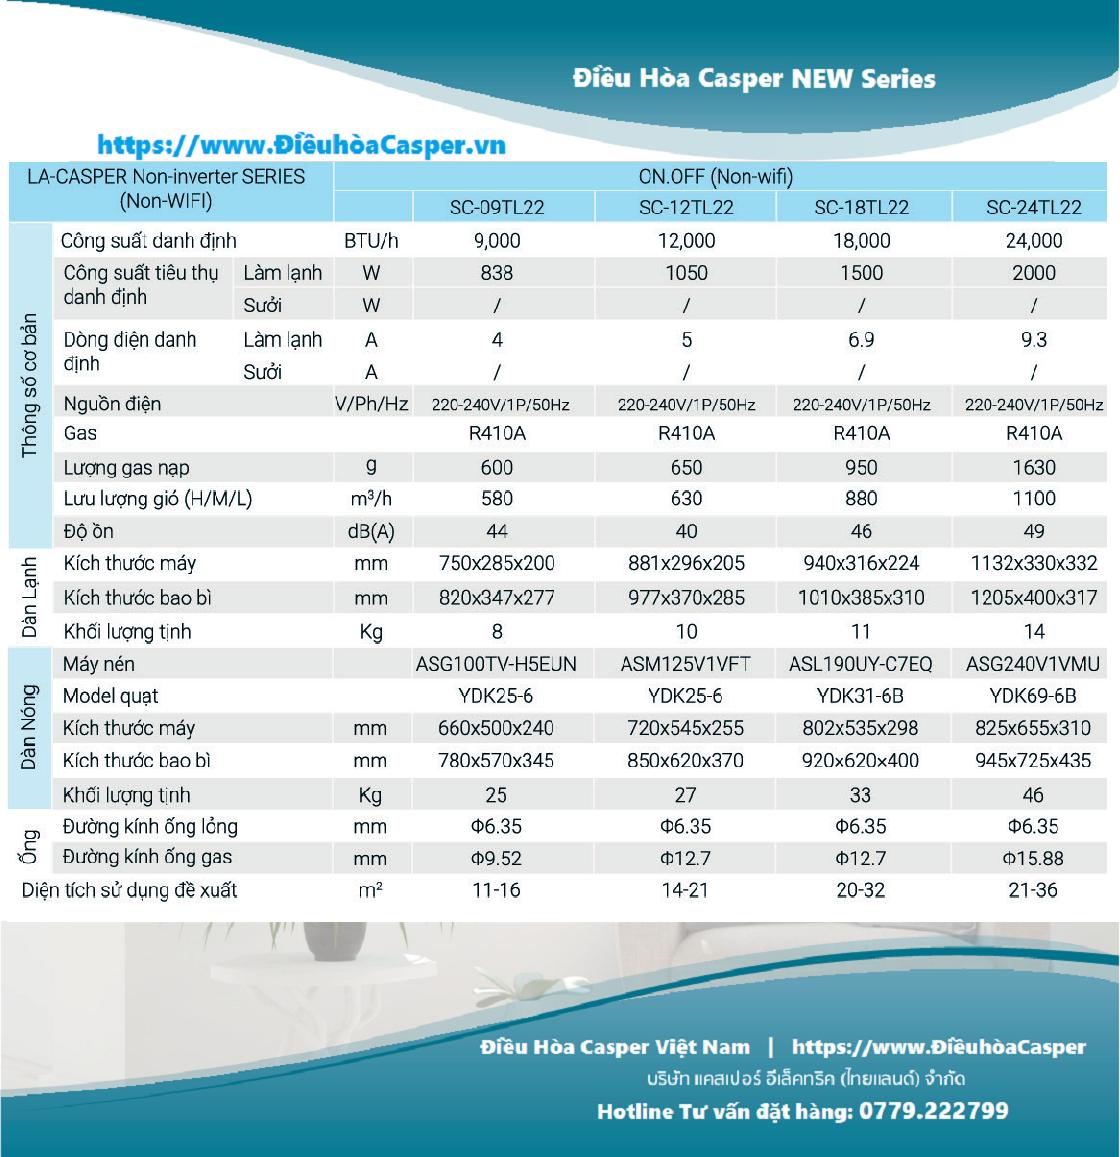 Thông số kỹ thuật Điều hòa Casper model 2019